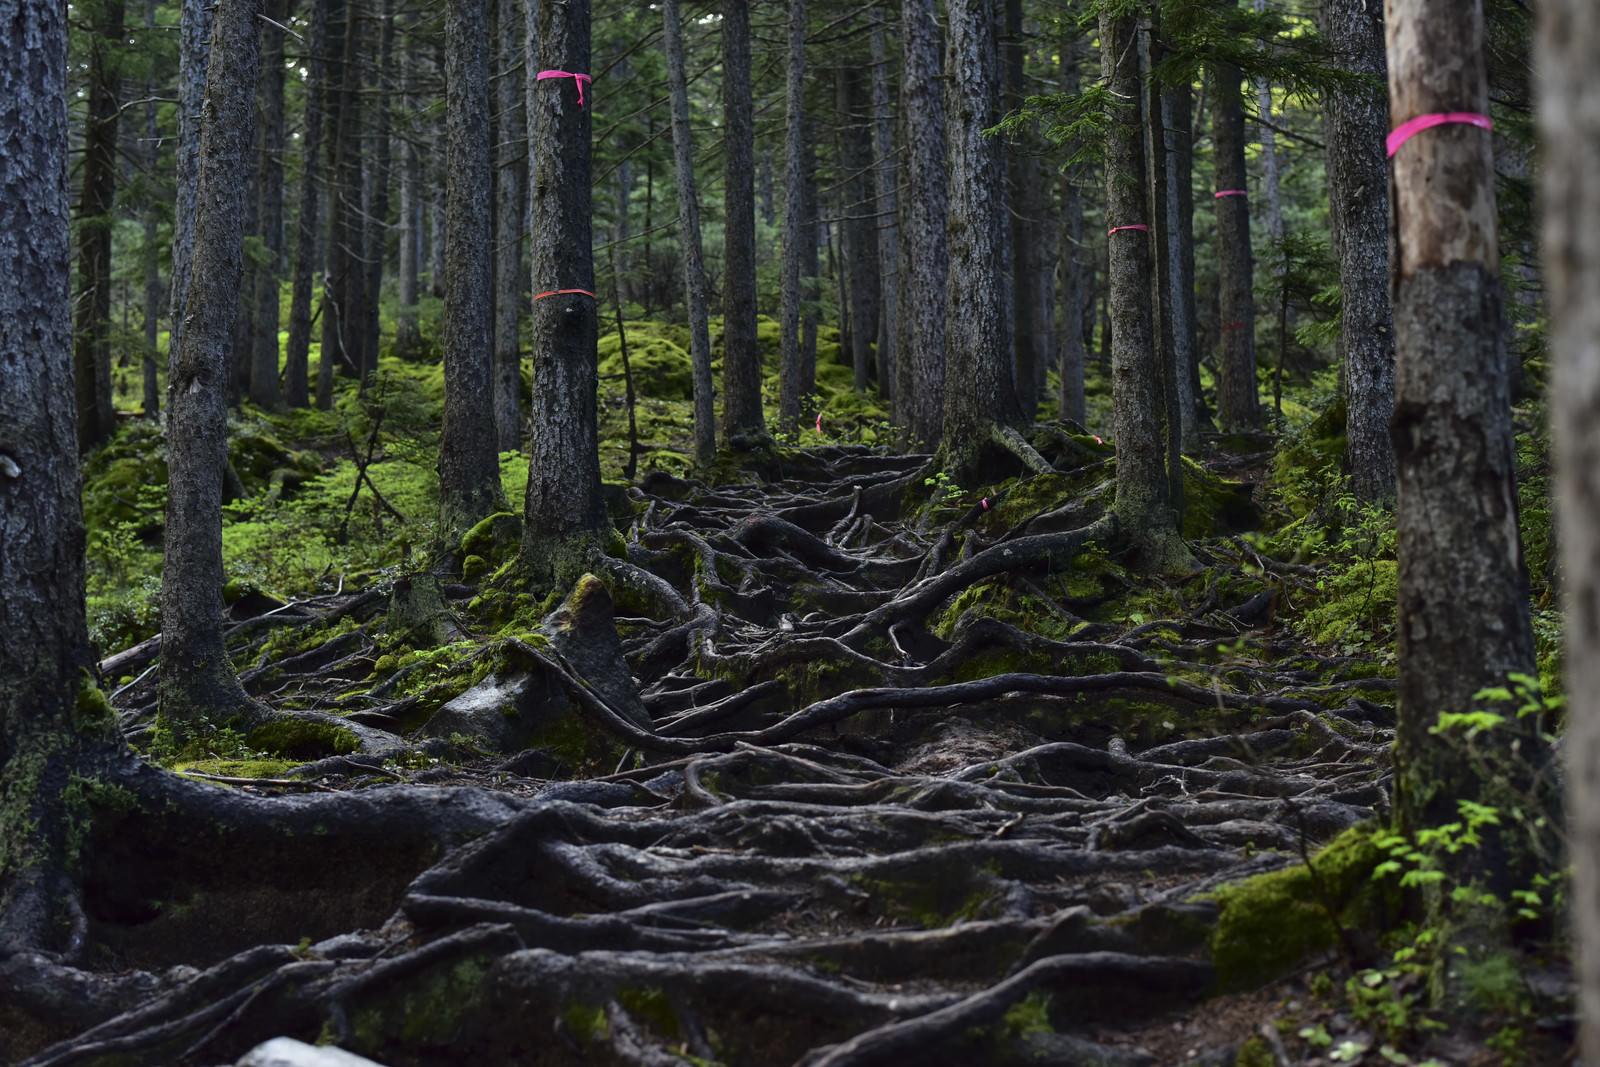 「木の根に覆われた不気味な山道」の写真